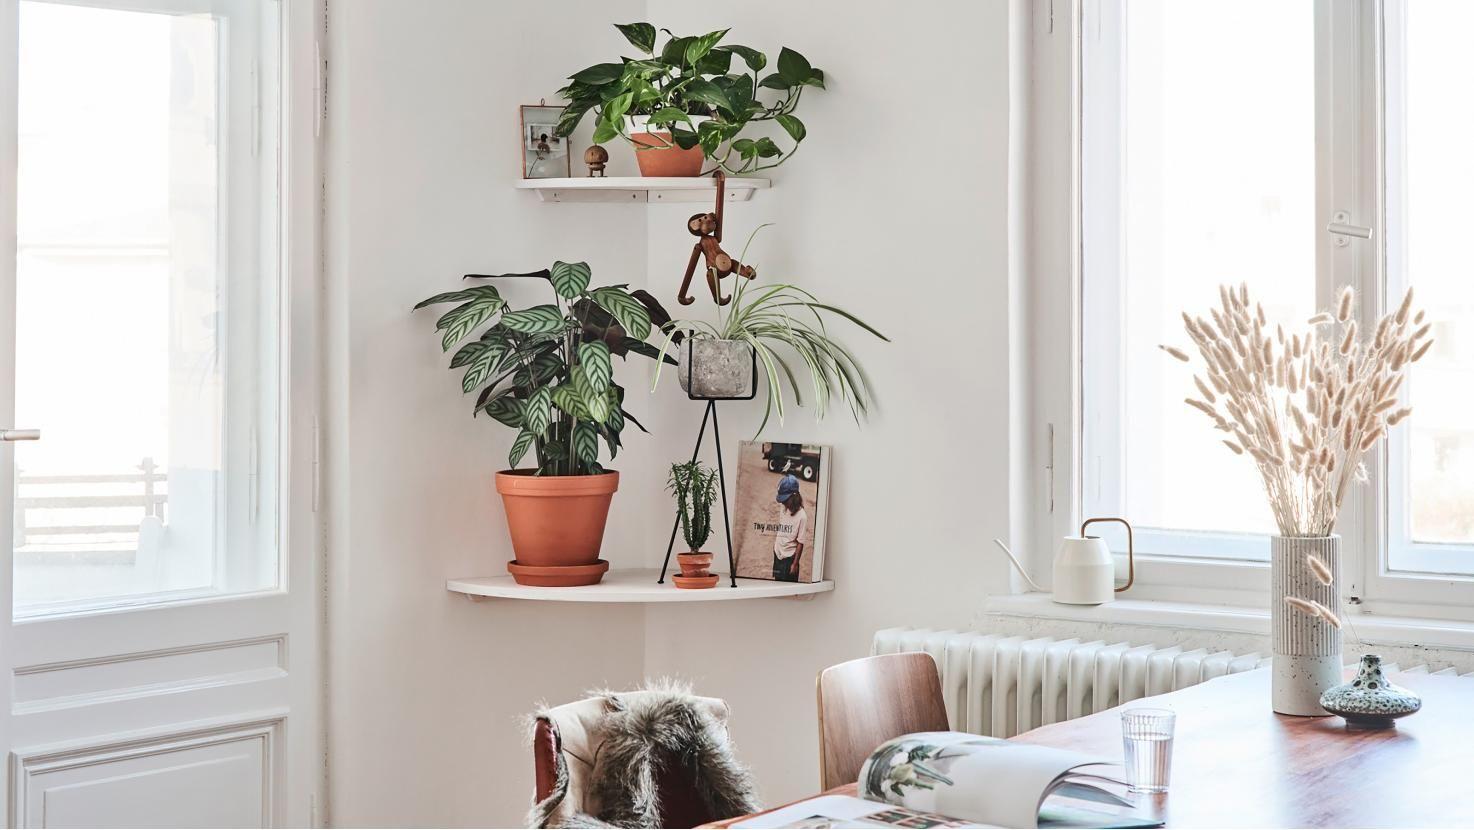 So Werden Auch Tote Ecken Im Wohnzimmer Sinnvoll Genutzt Mit Einem Selbstgebauten Eckregal Aus Holz In 2020 Eckregal Bessere Zuhause Und Garten Wohnzimmer Ecken